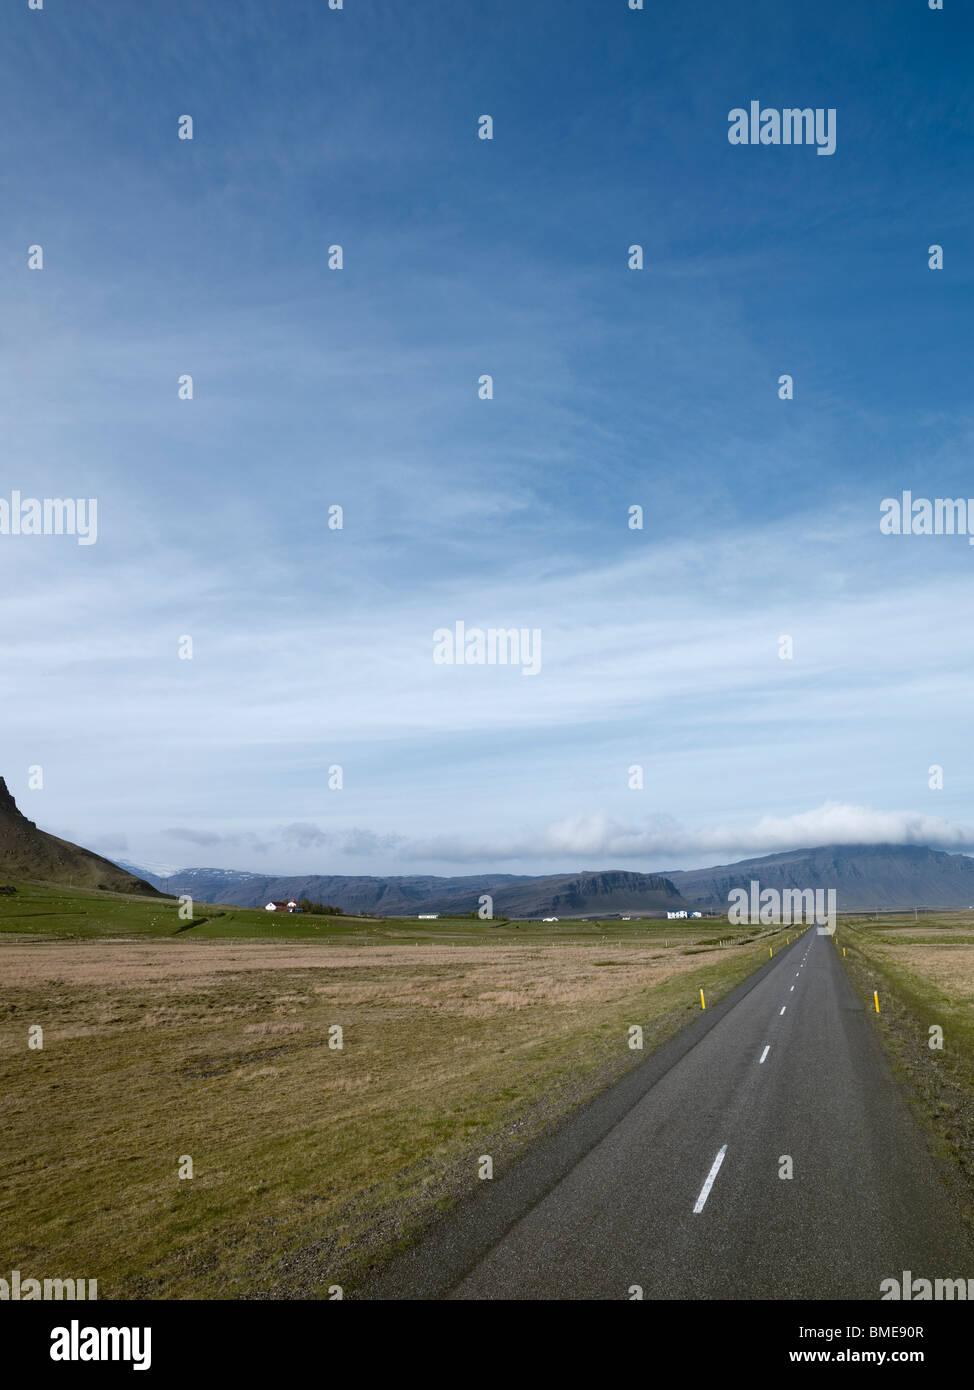 Route de campagne tout droit Photo Stock